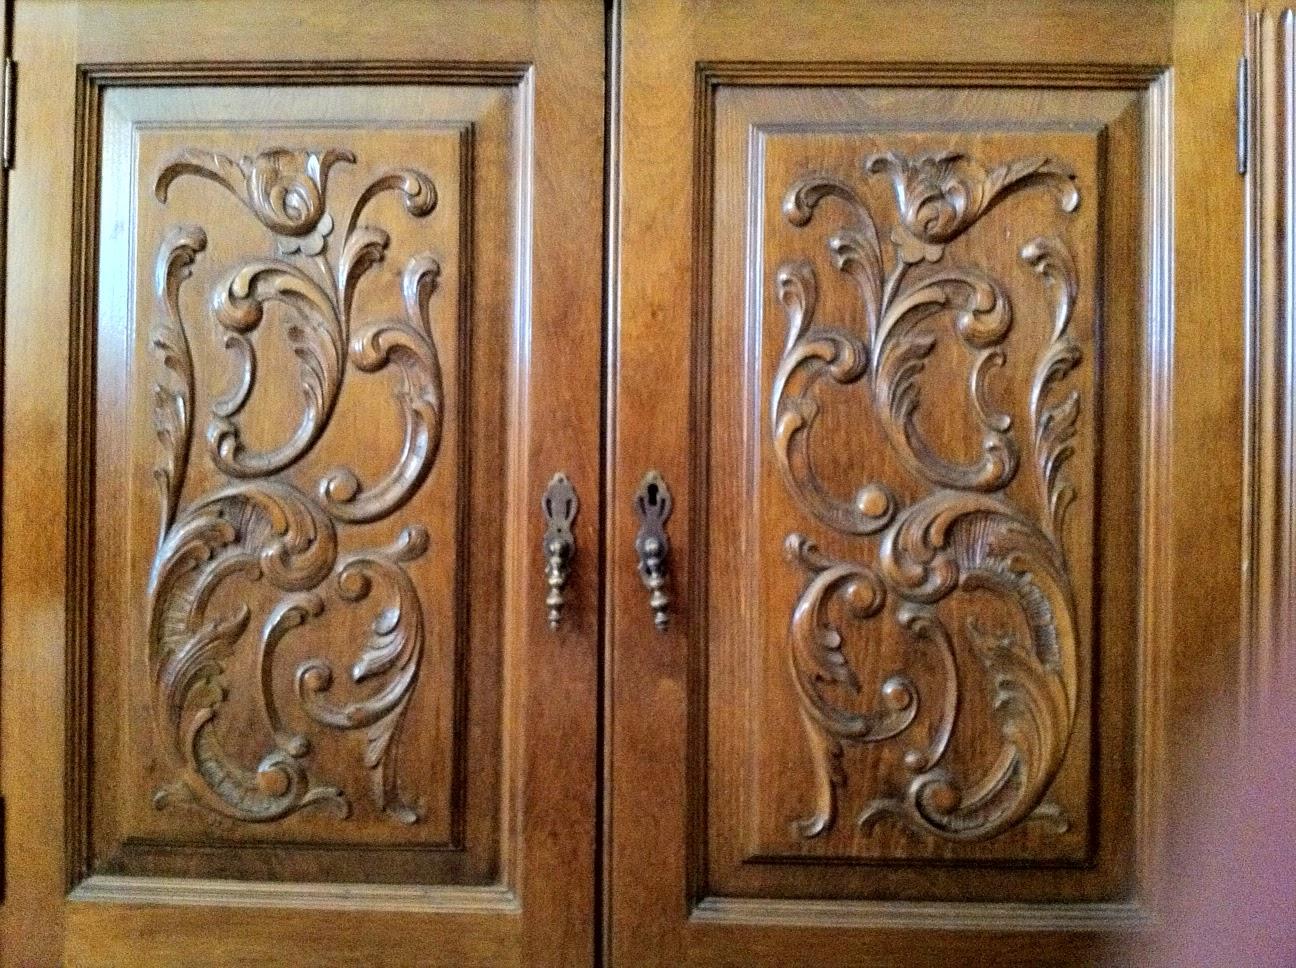 En las puertas hd 1080p 4k foto for Adornos puertas madera